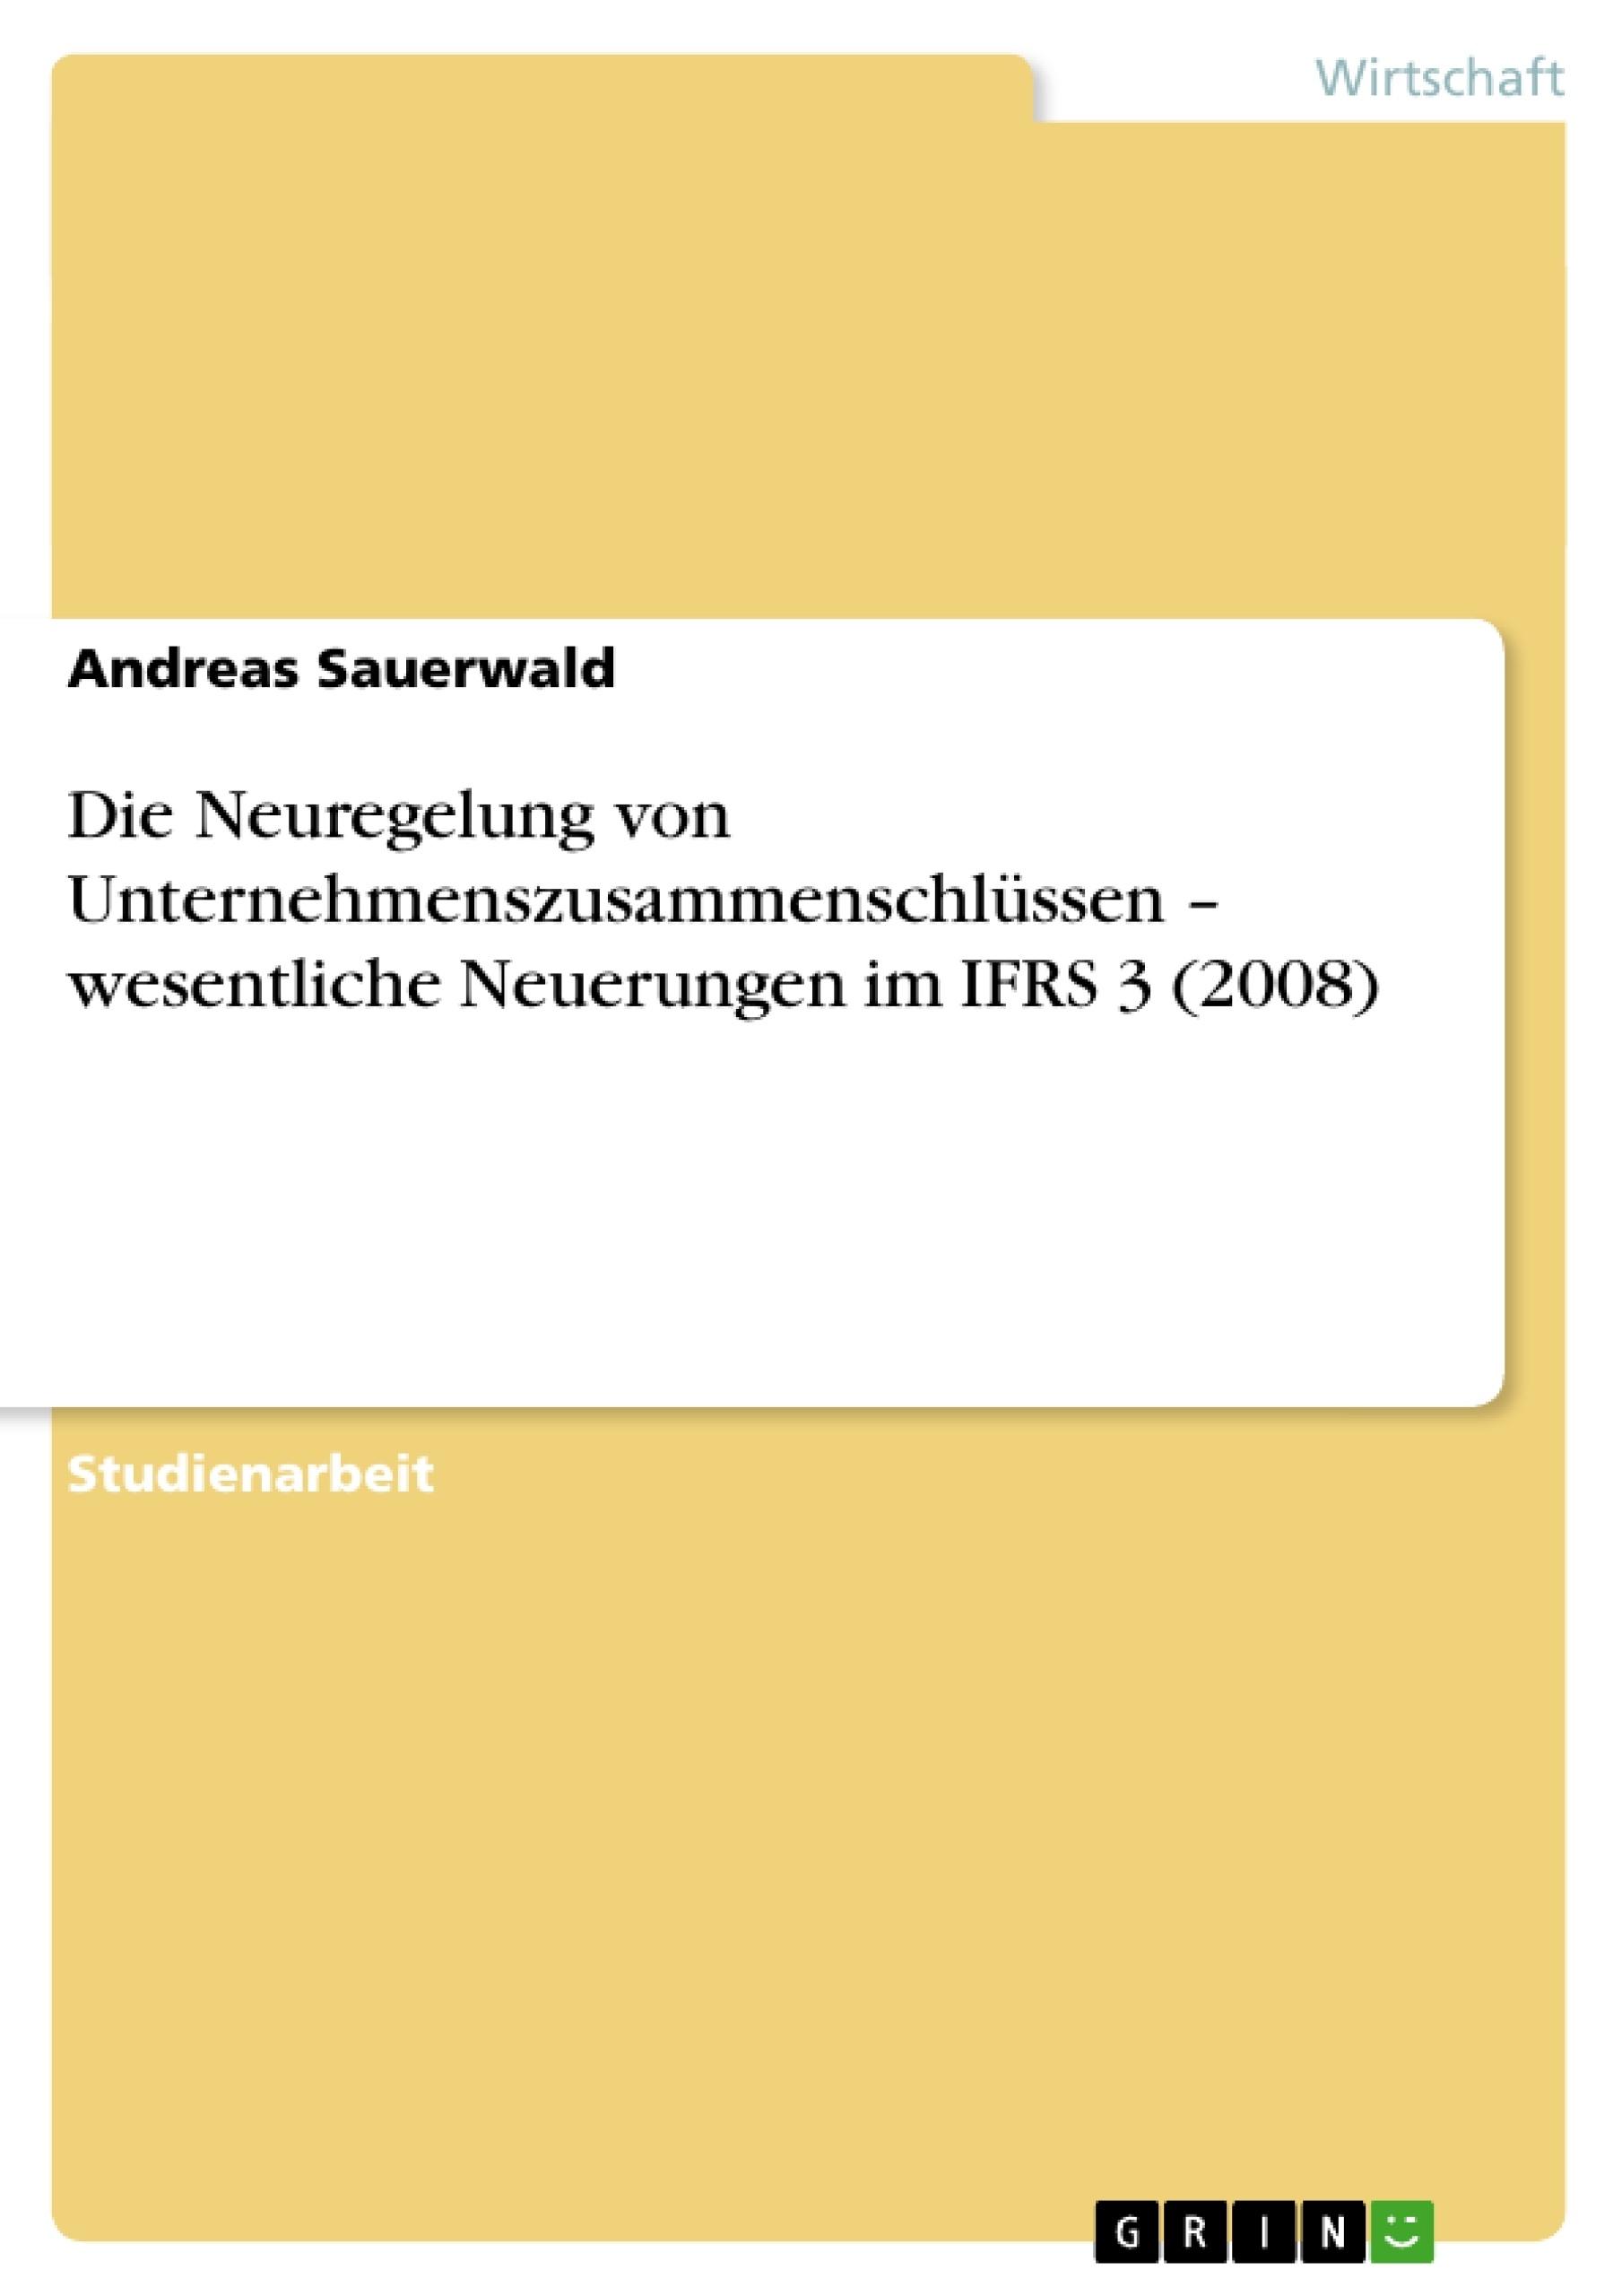 Titel: Die Neuregelung von Unternehmenszusammenschlüssen – wesentliche Neuerungen im IFRS 3 (2008)